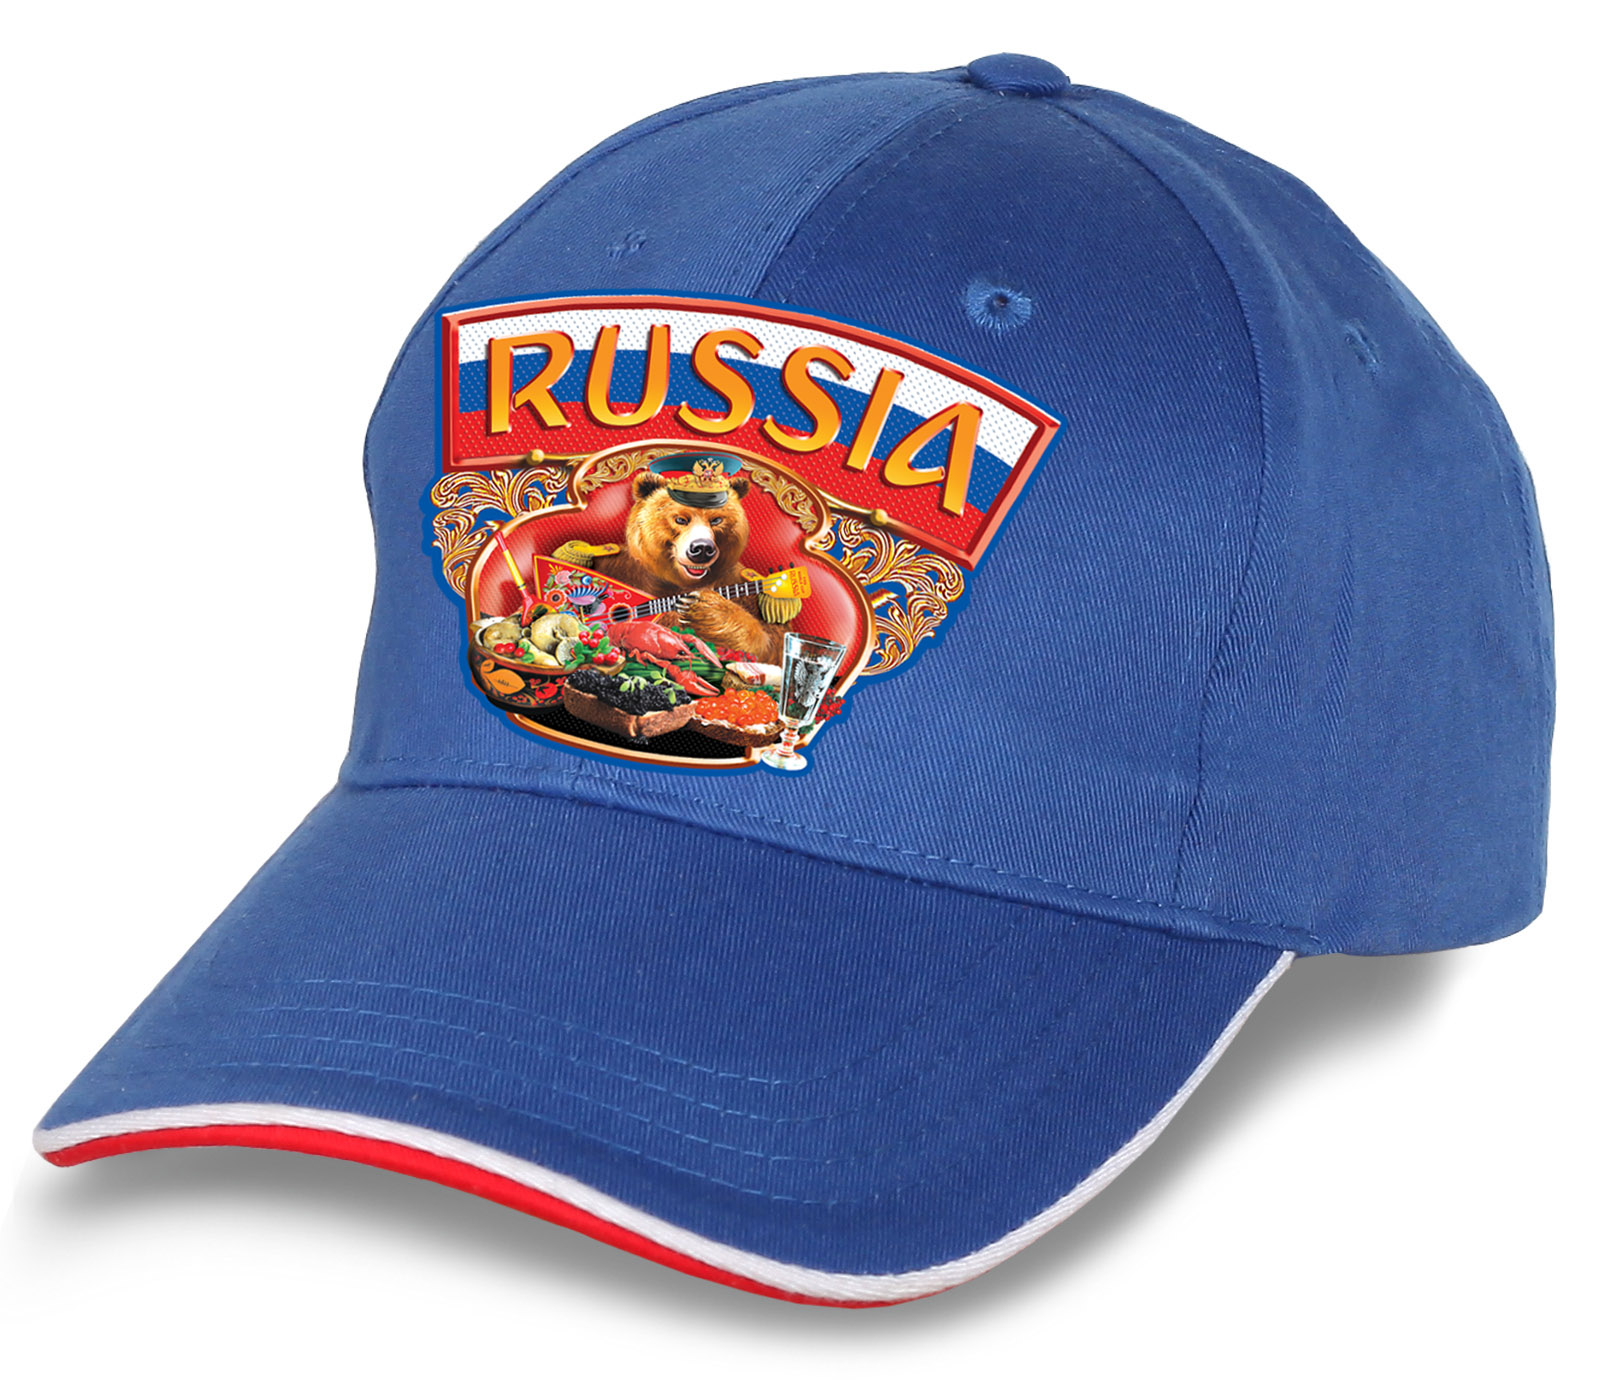 """Незаменимая бейсболка """"Russia"""" для патриотов и футбольных фанатов. Яркая, эффектная модель из 100% хлопка. Заказывай - не пожалеешь!"""